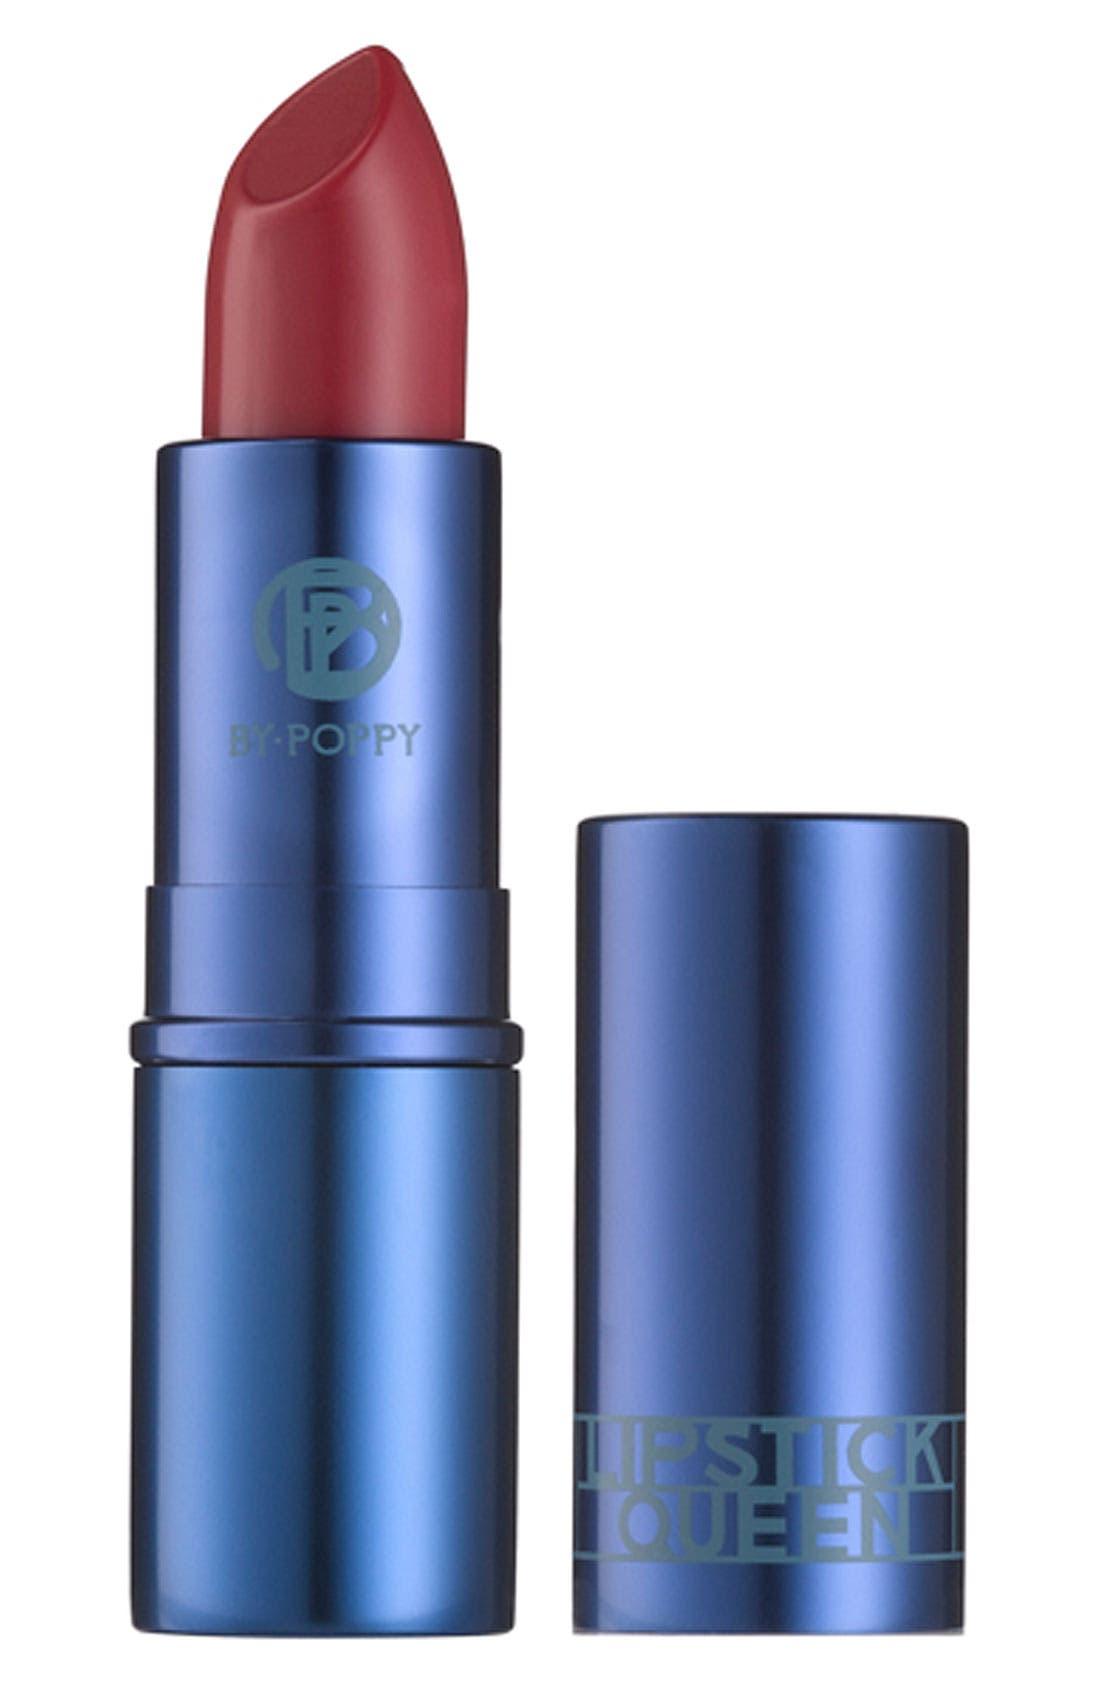 SPACE.NK.apothecary Lipstick Queen Jean Queen Lipstick